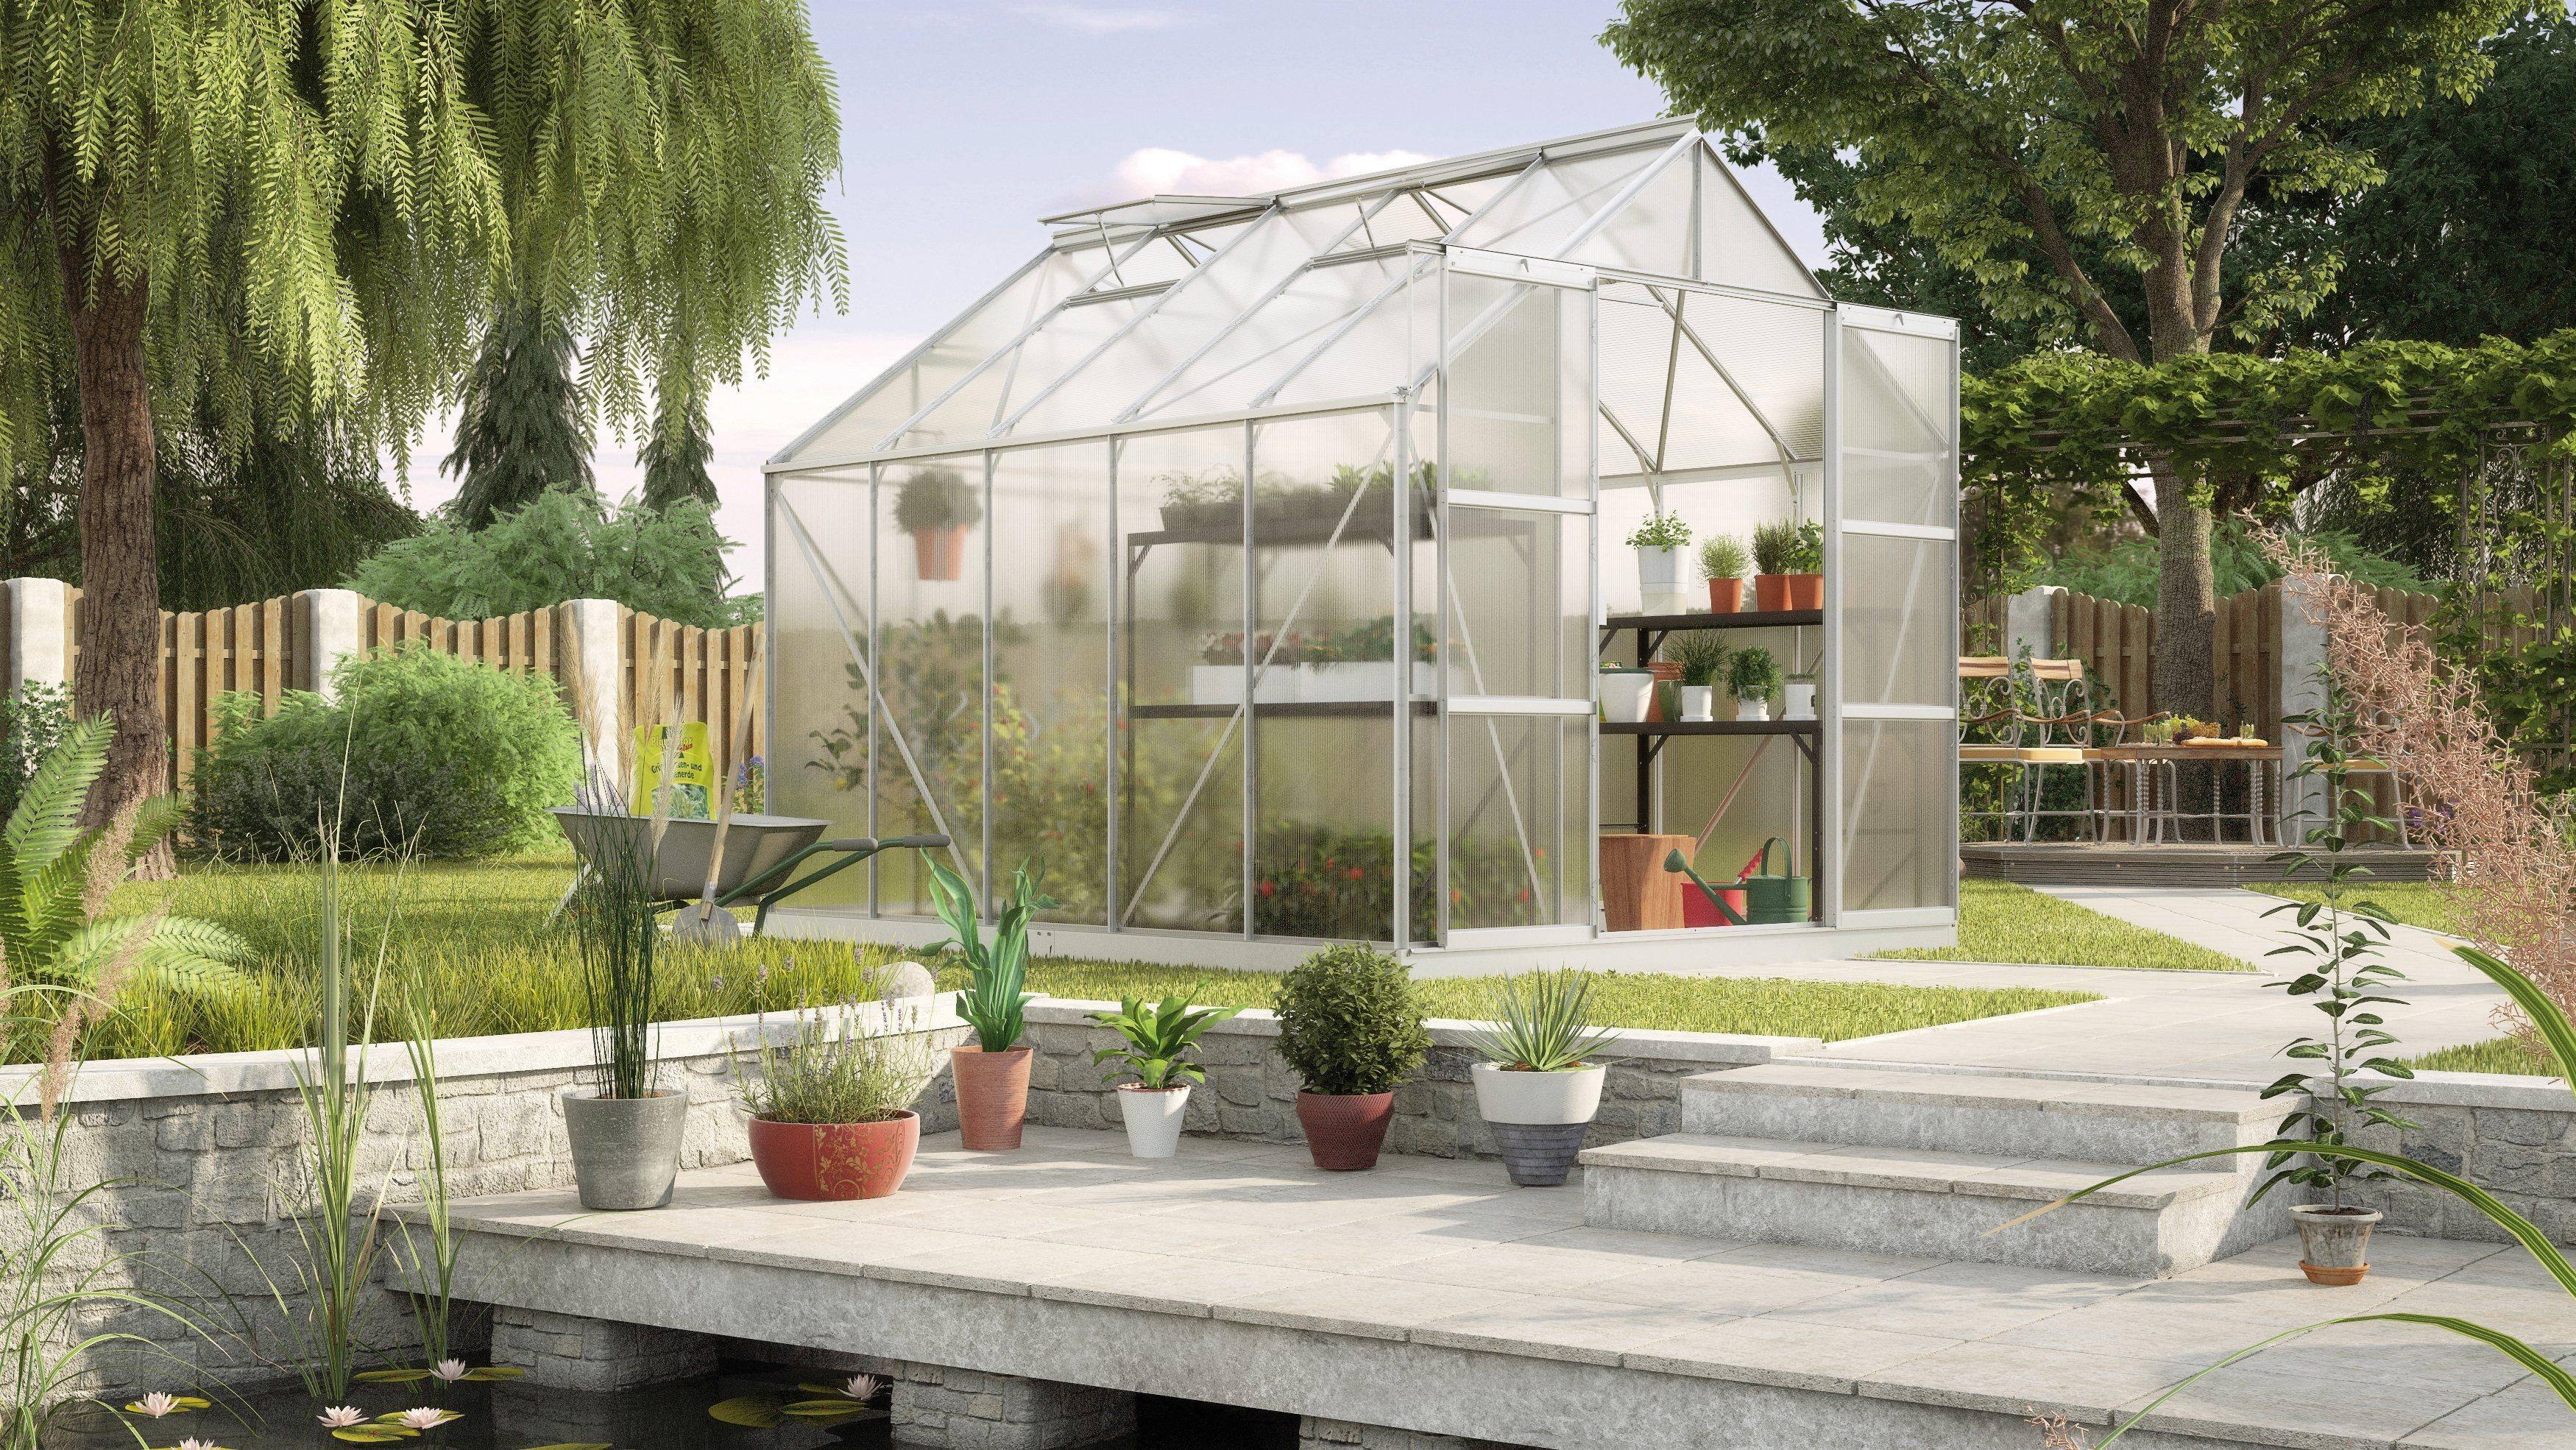 KONIFERA Gewächshaus Set »Titania 8300«, B/T/H: 254/317/246 cm, silber, 6 mm, mit Fundamentrahmen | Garten > Gewächshäuser | KONIFERA